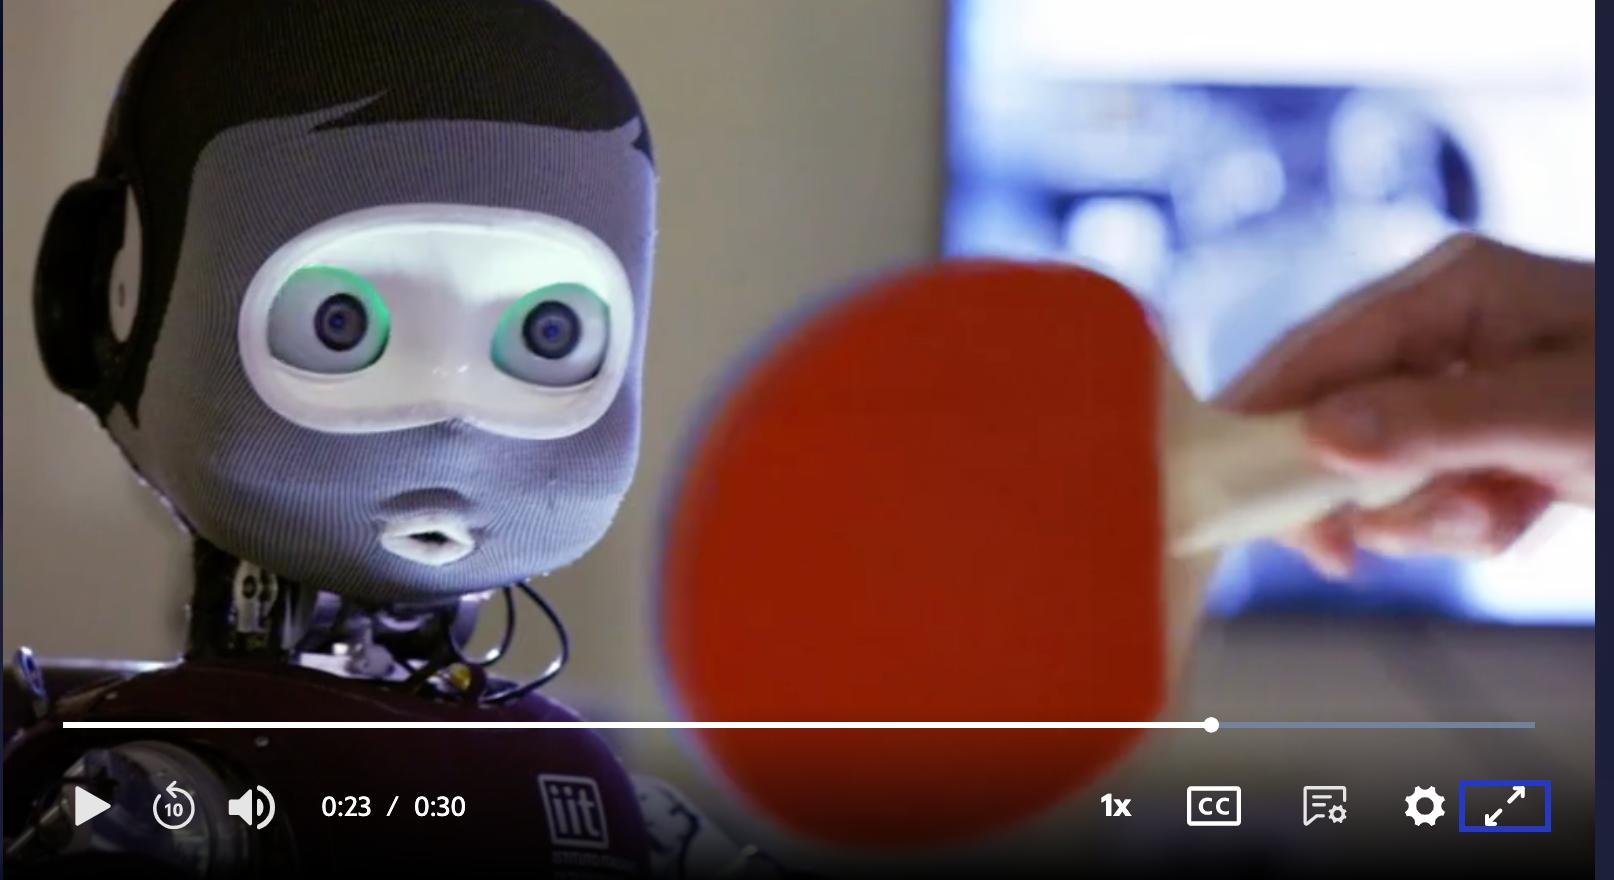 Introducing The Robot : AI